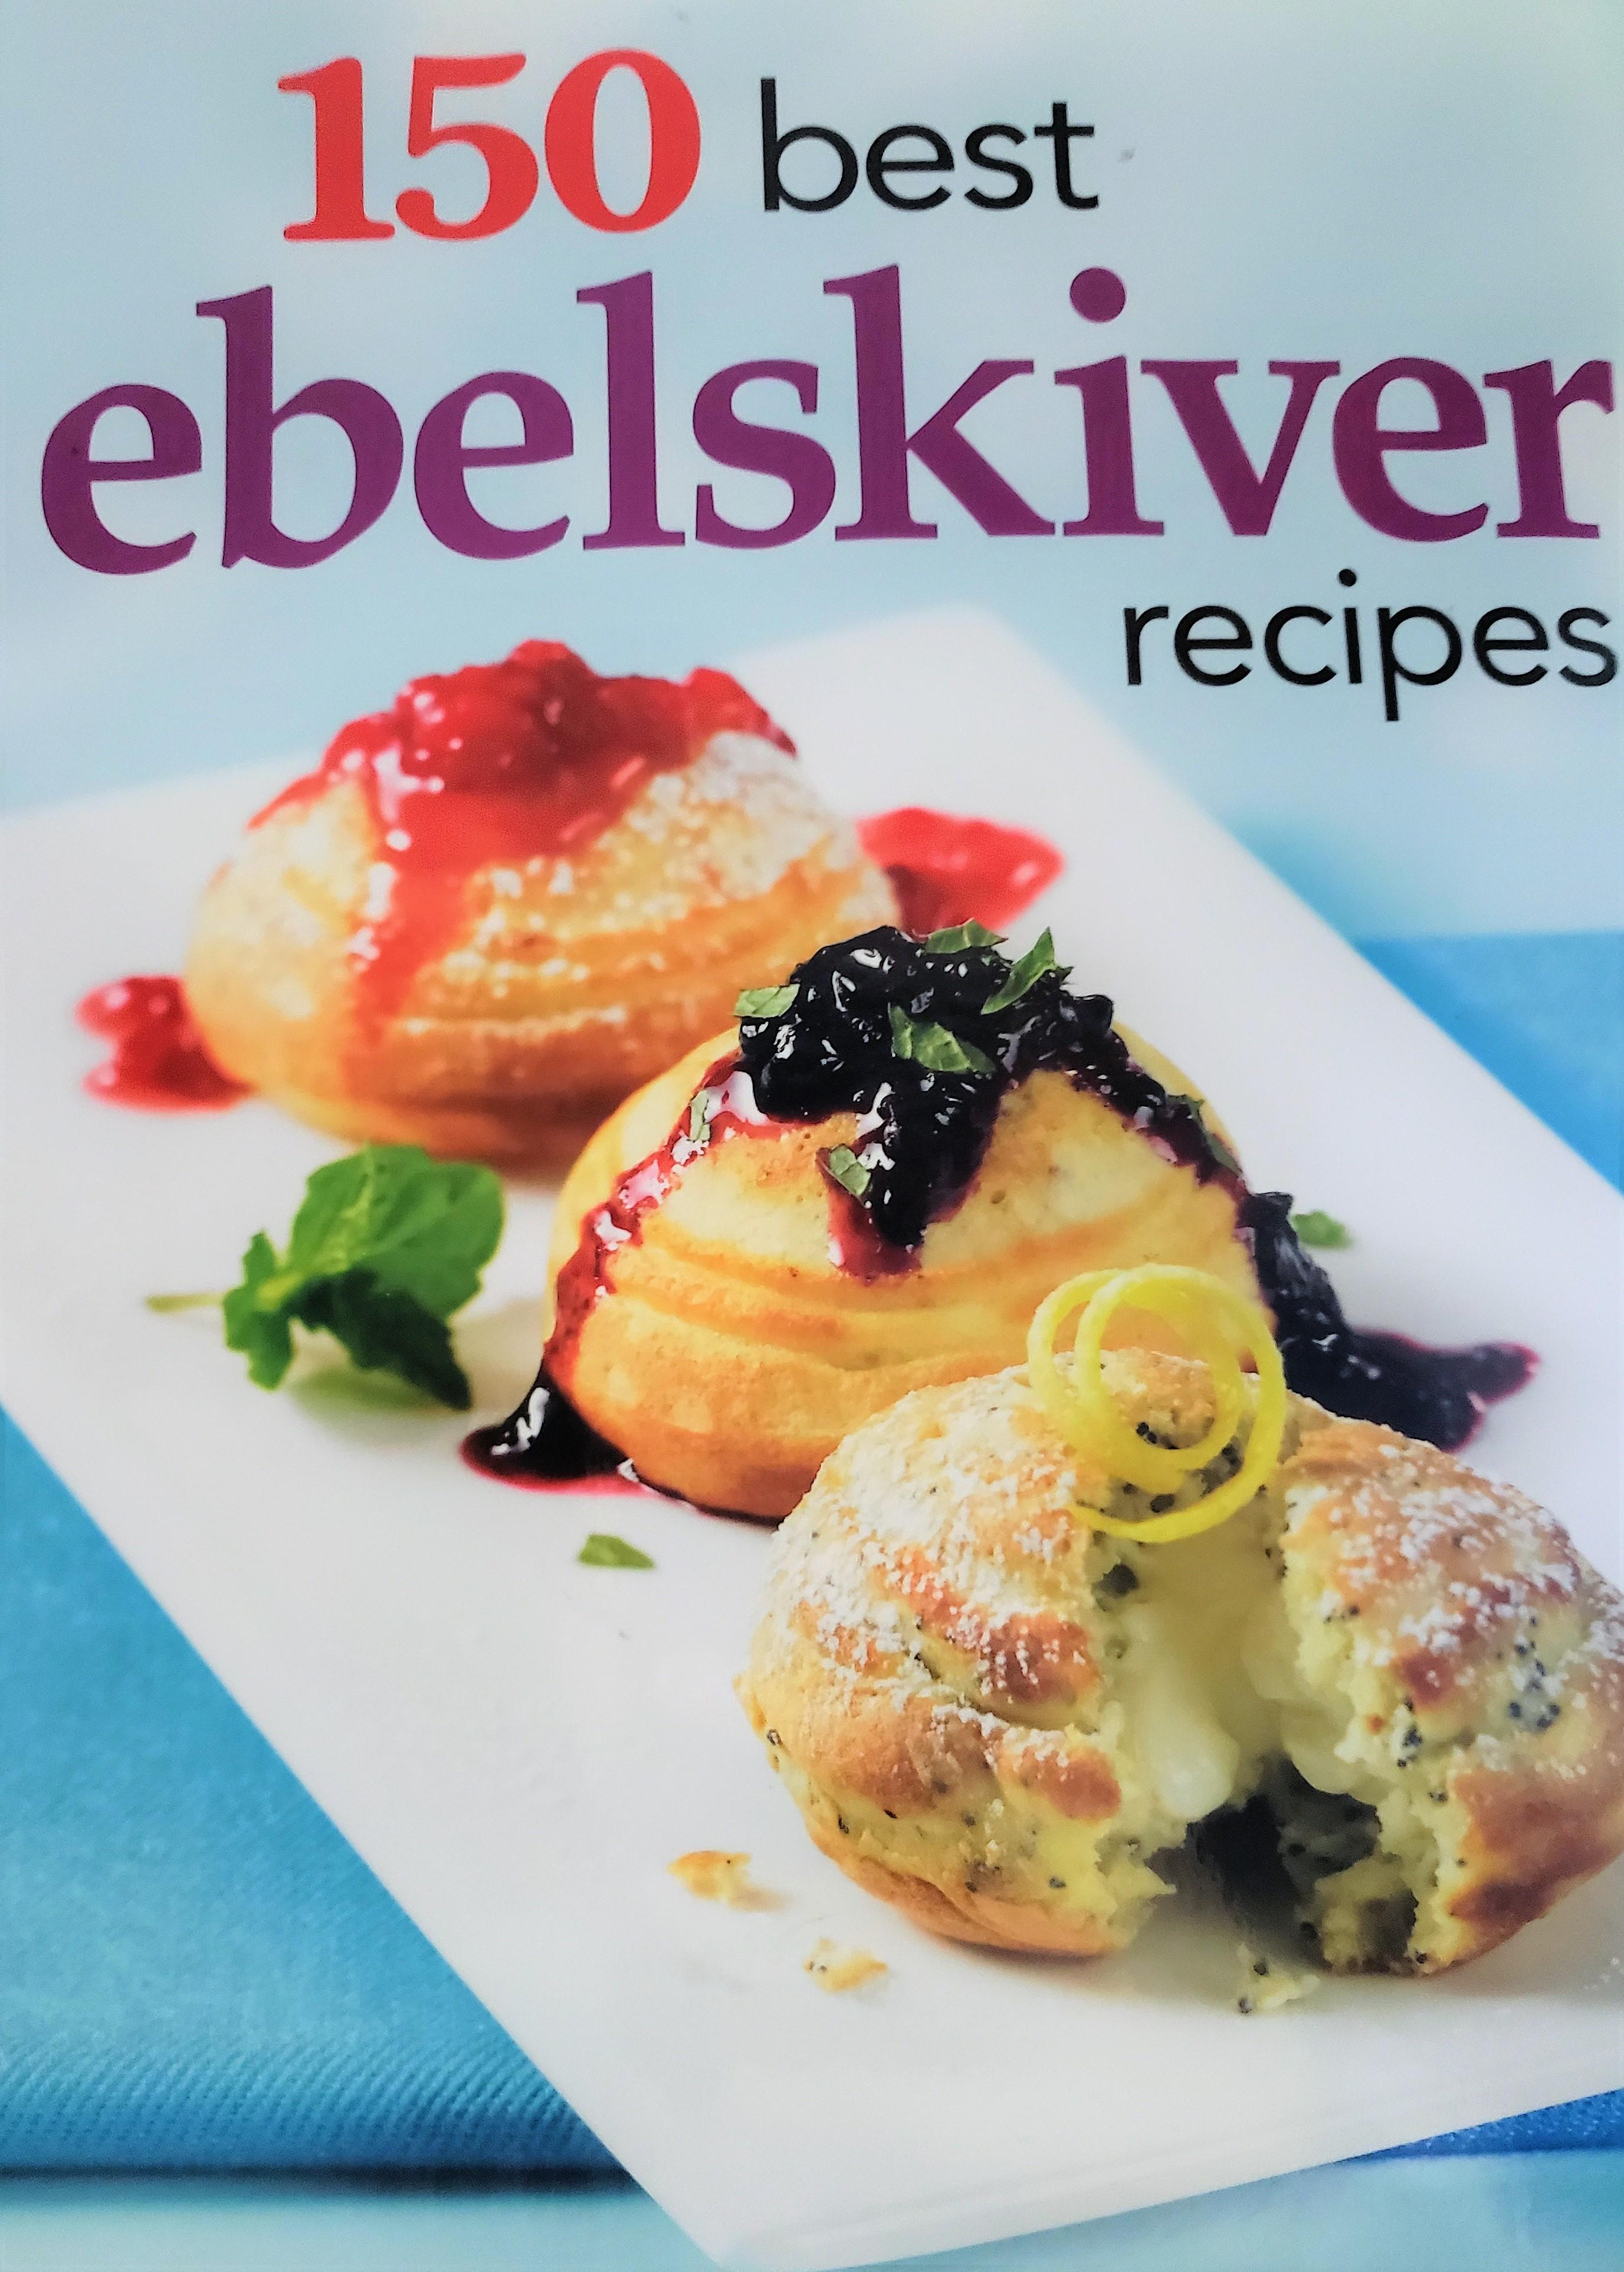 Bolitas de hotcake con salmón ahumado (10).jpg